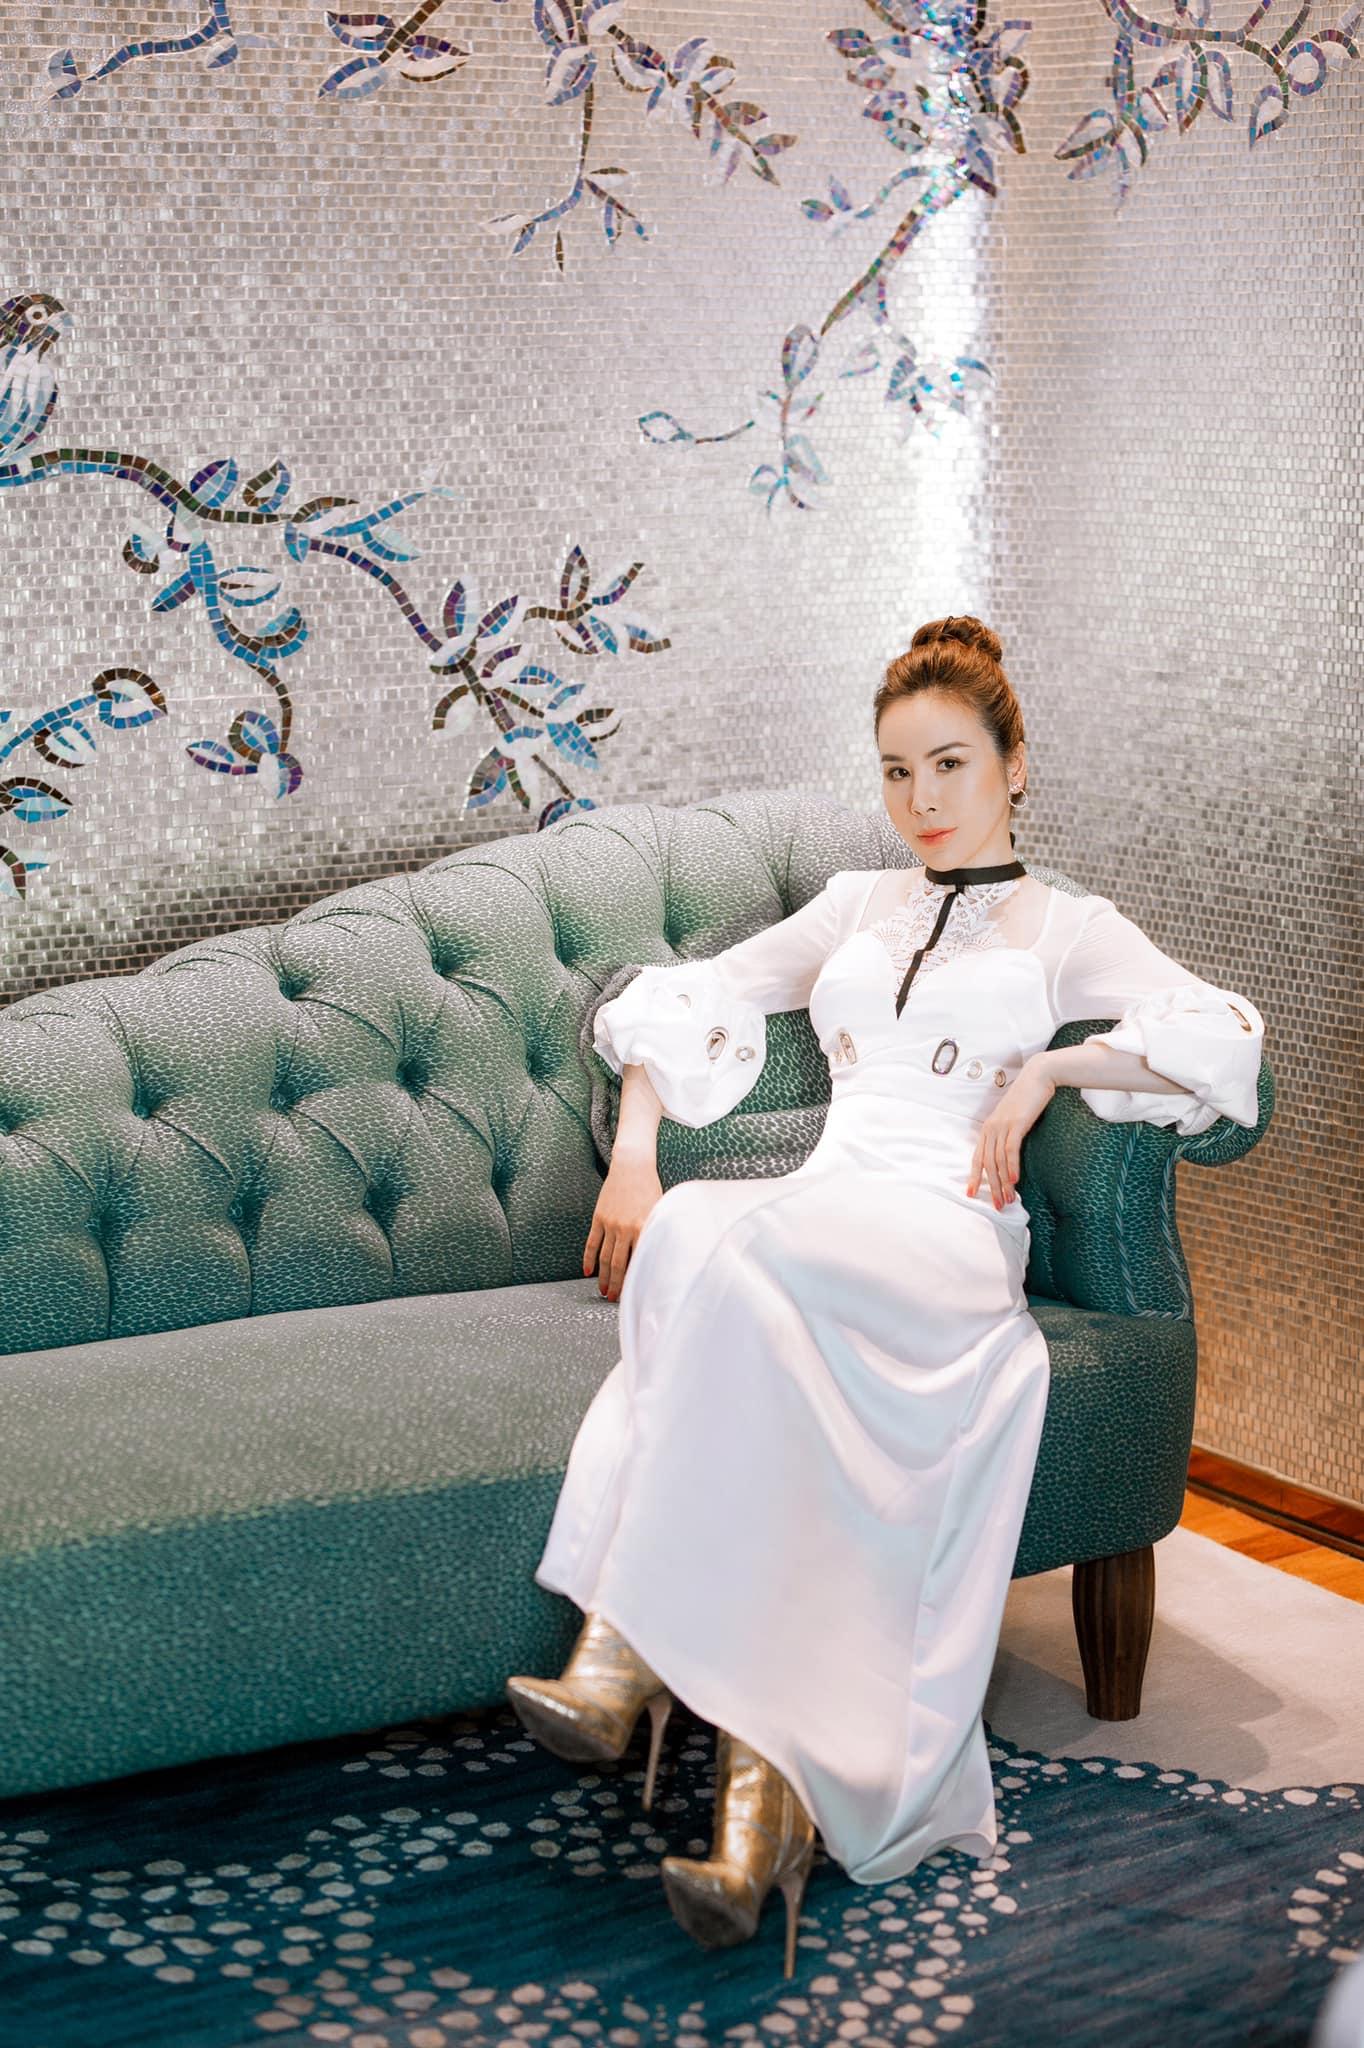 Hoa hậu Áo dài Hoàng Dung thử thách 100 ngày 100 Outfits hàng hiệu - Ảnh 15.